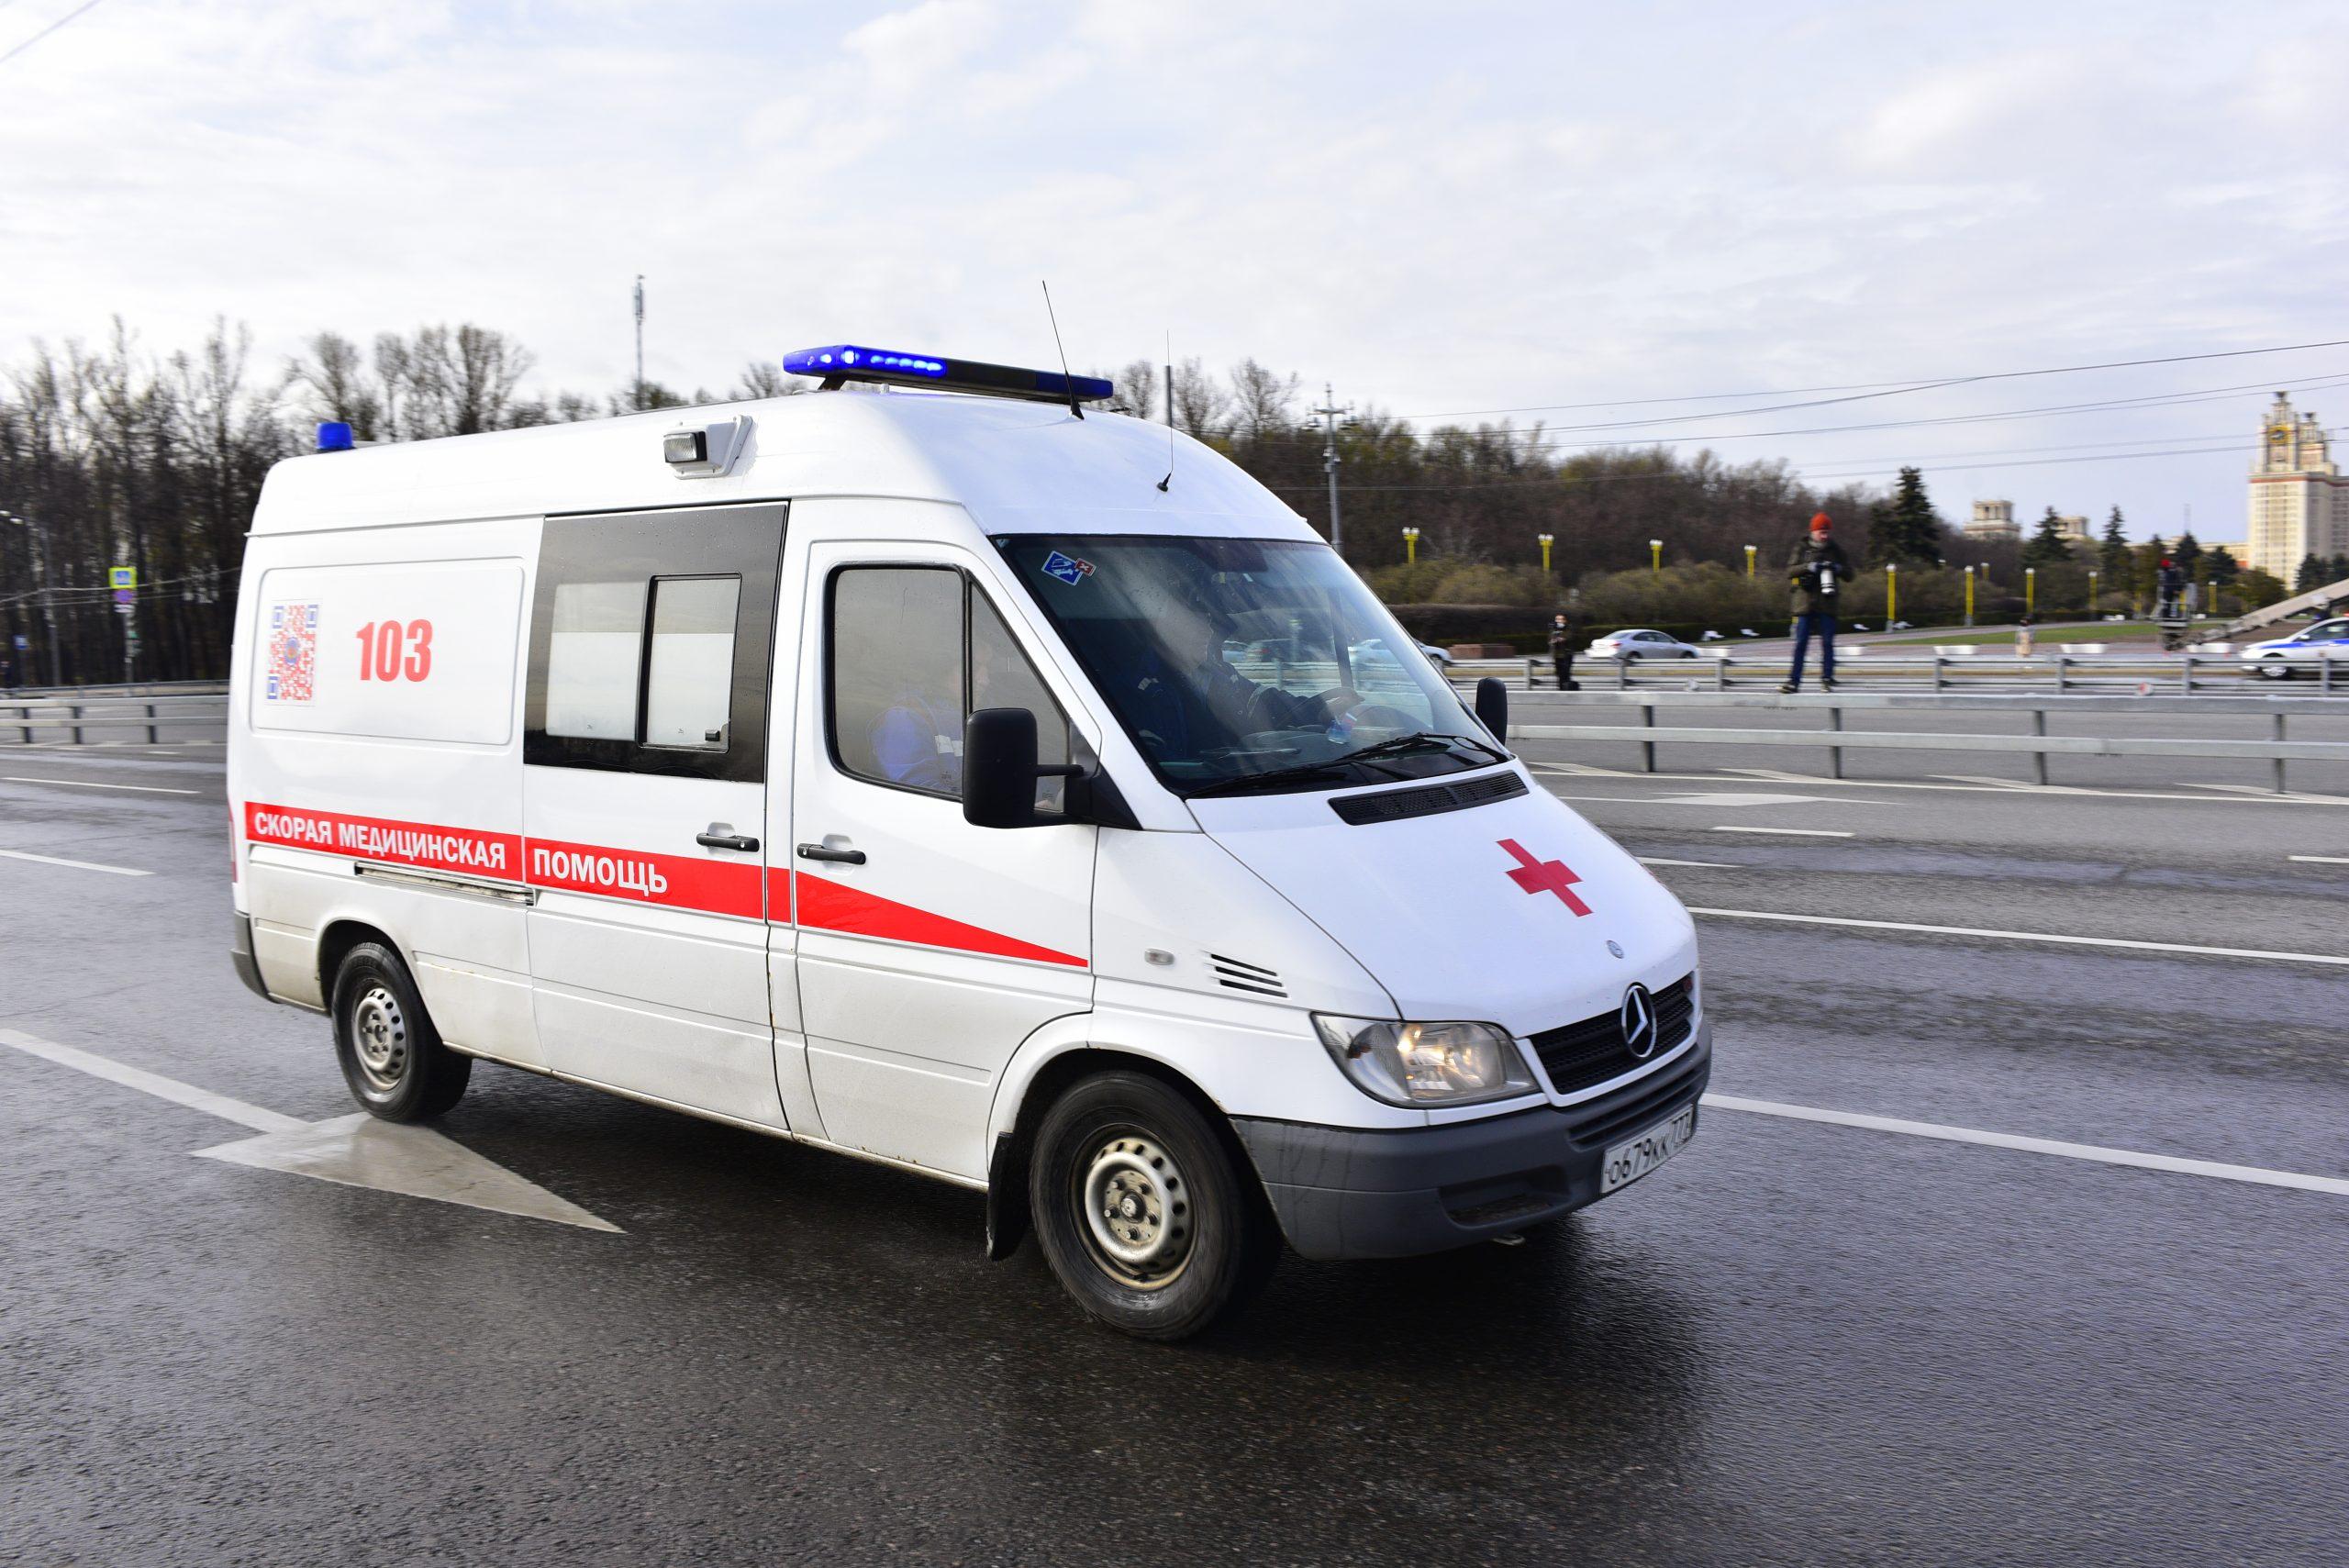 Главврач московской станции скорой помощи назвал симптомы для вызова врачей